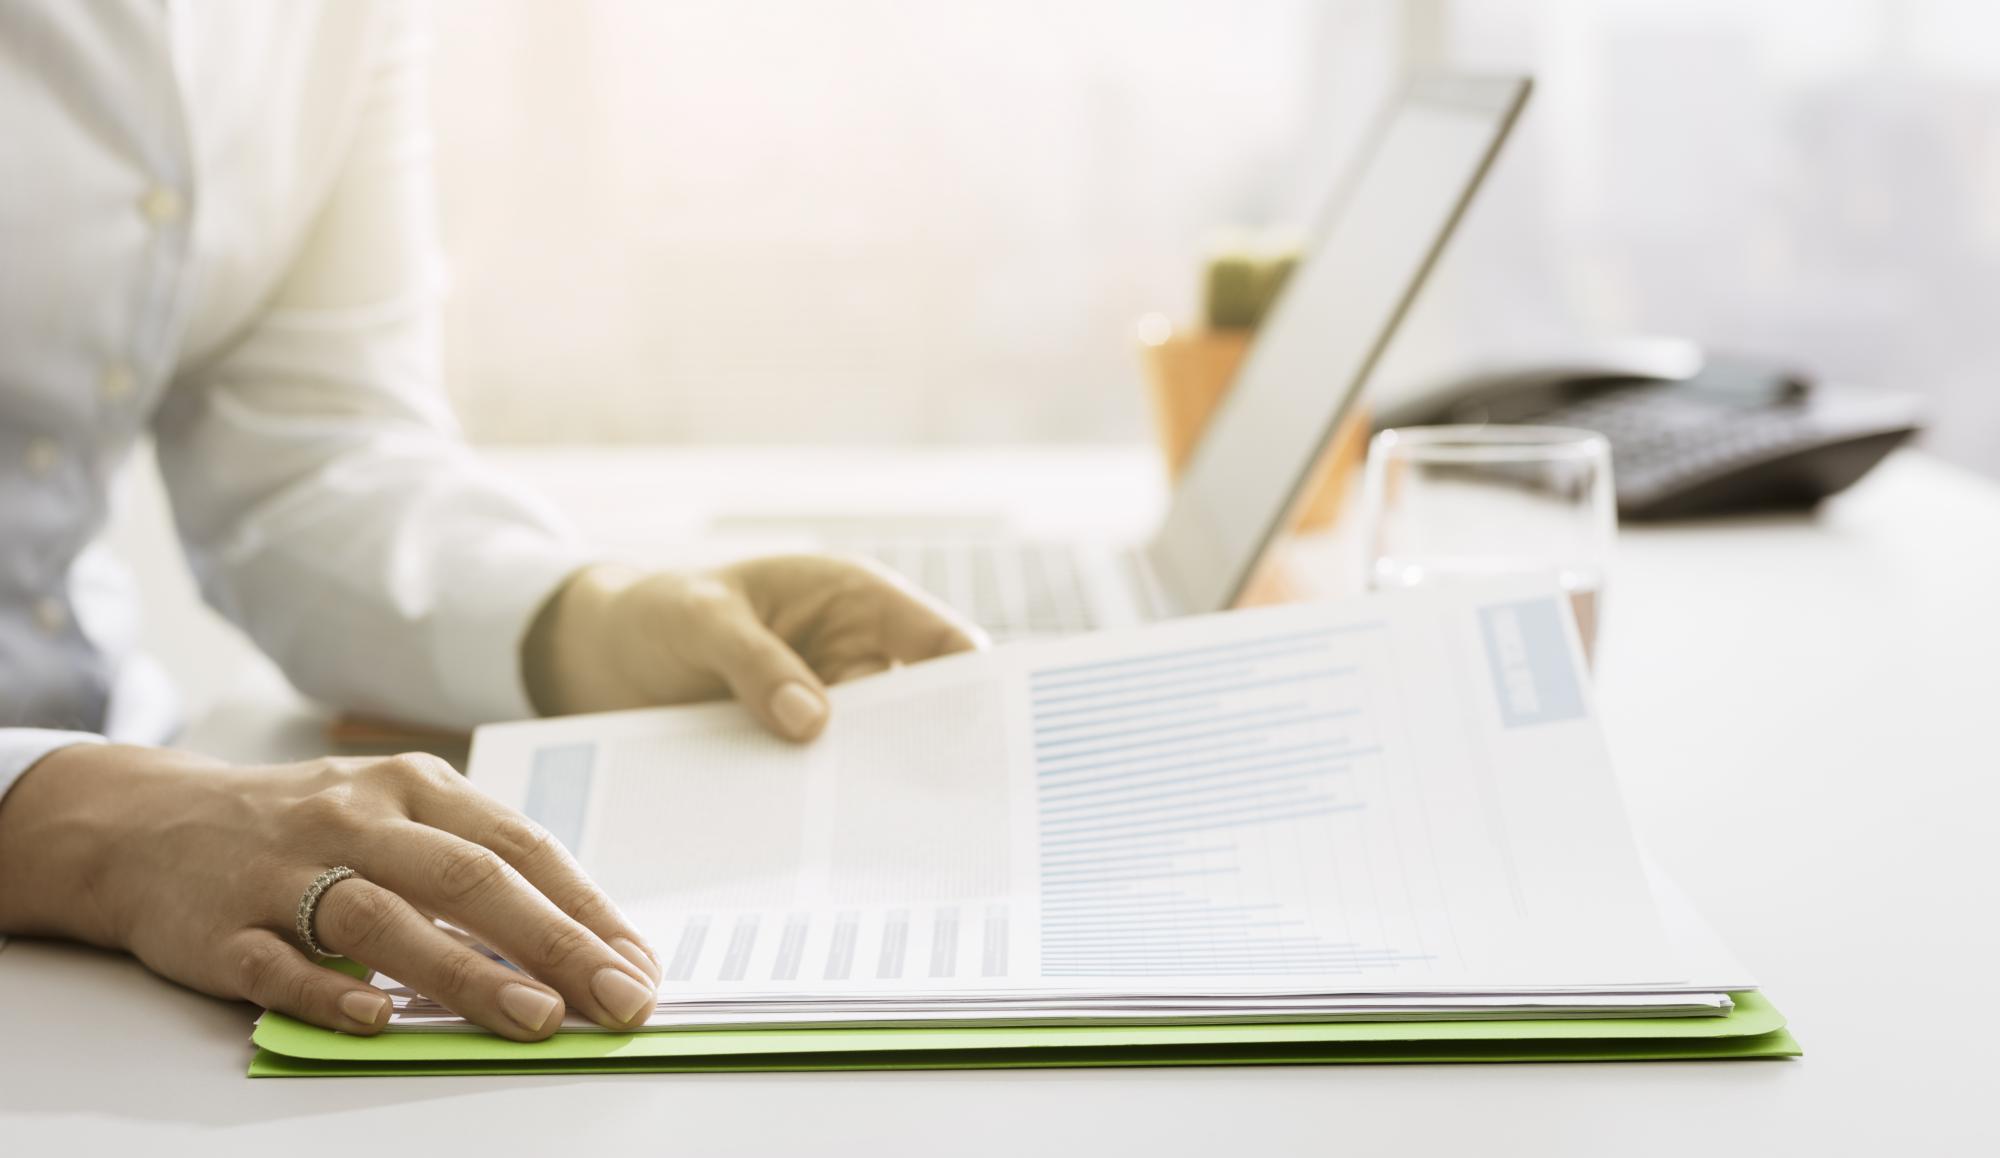 ФНС сообщает о порядке отражения в карточках расчетов с бюджетом сумм авансовых платежей по налогу на прибыль организаций